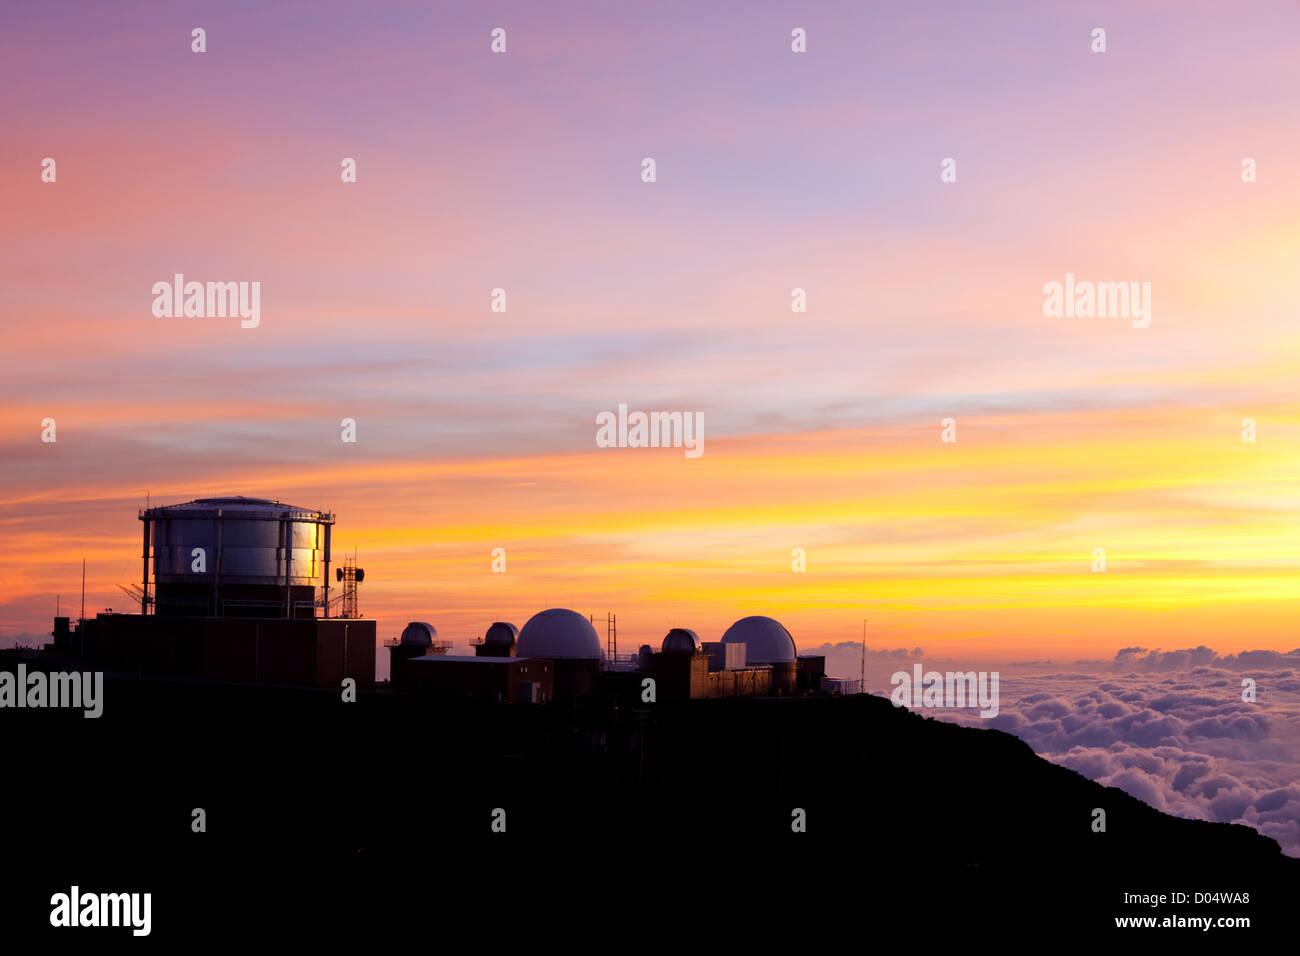 Haleakala, observatorios de la isla de Maui, Hawai Imagen De Stock